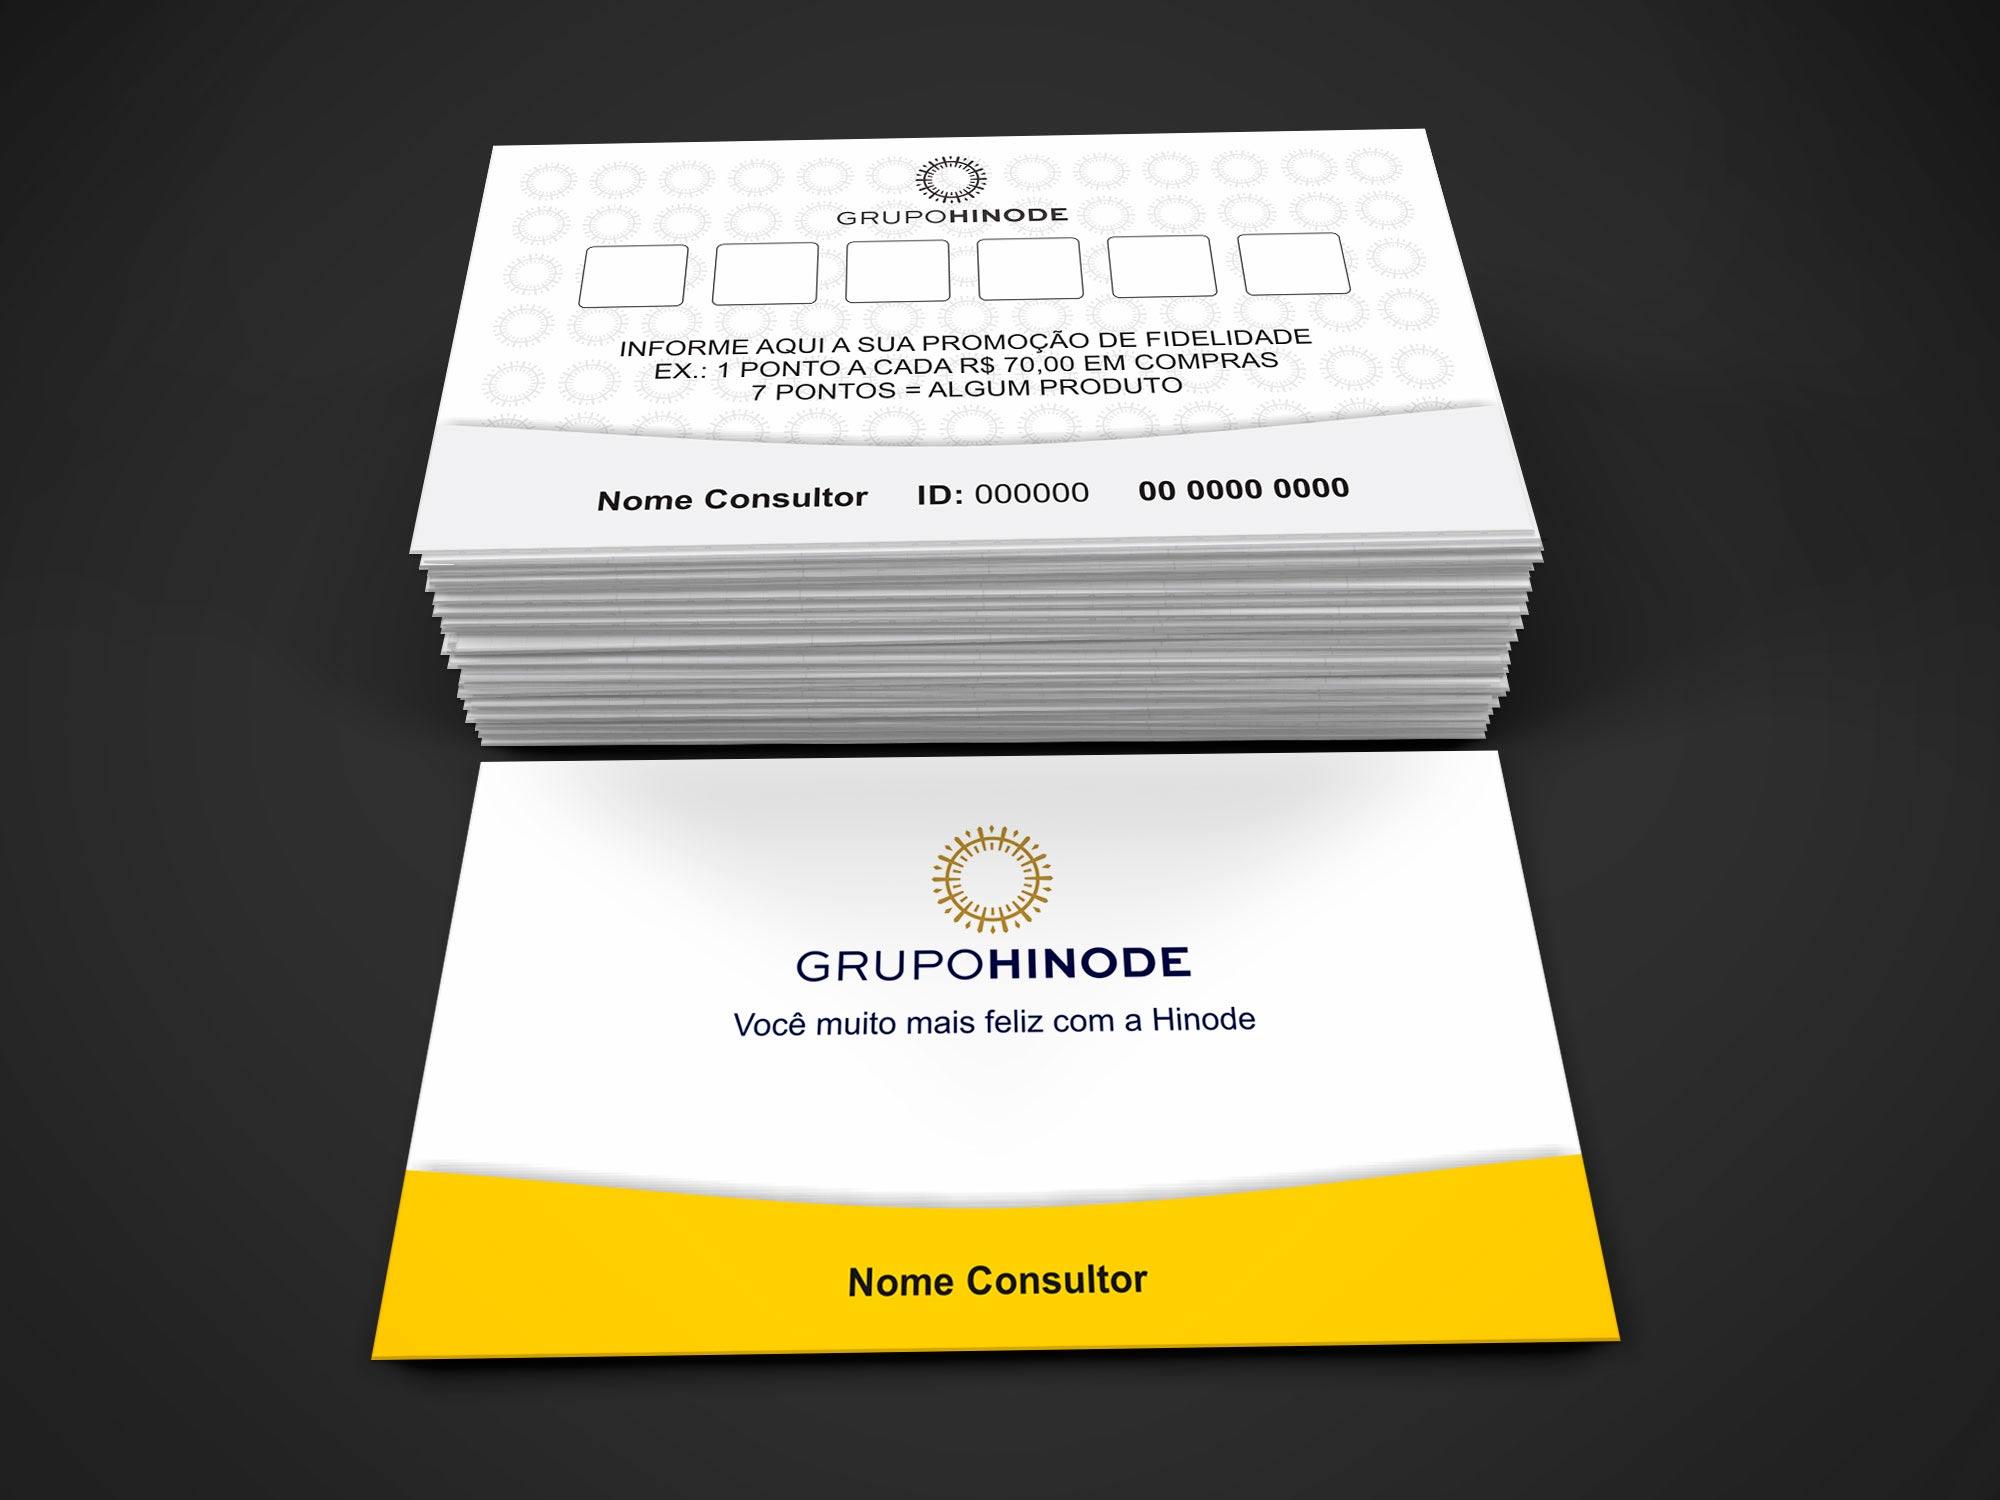 O cartão fidelidade Hinode é bem simples. Você pode usa-lo para dar pontos para seus melhores clientes. A cada compra, você marca um dos quadradinhos do verso do cartão e quando ele fizer 6 compras, ganha um brinde, como um desconto, por exemplo.